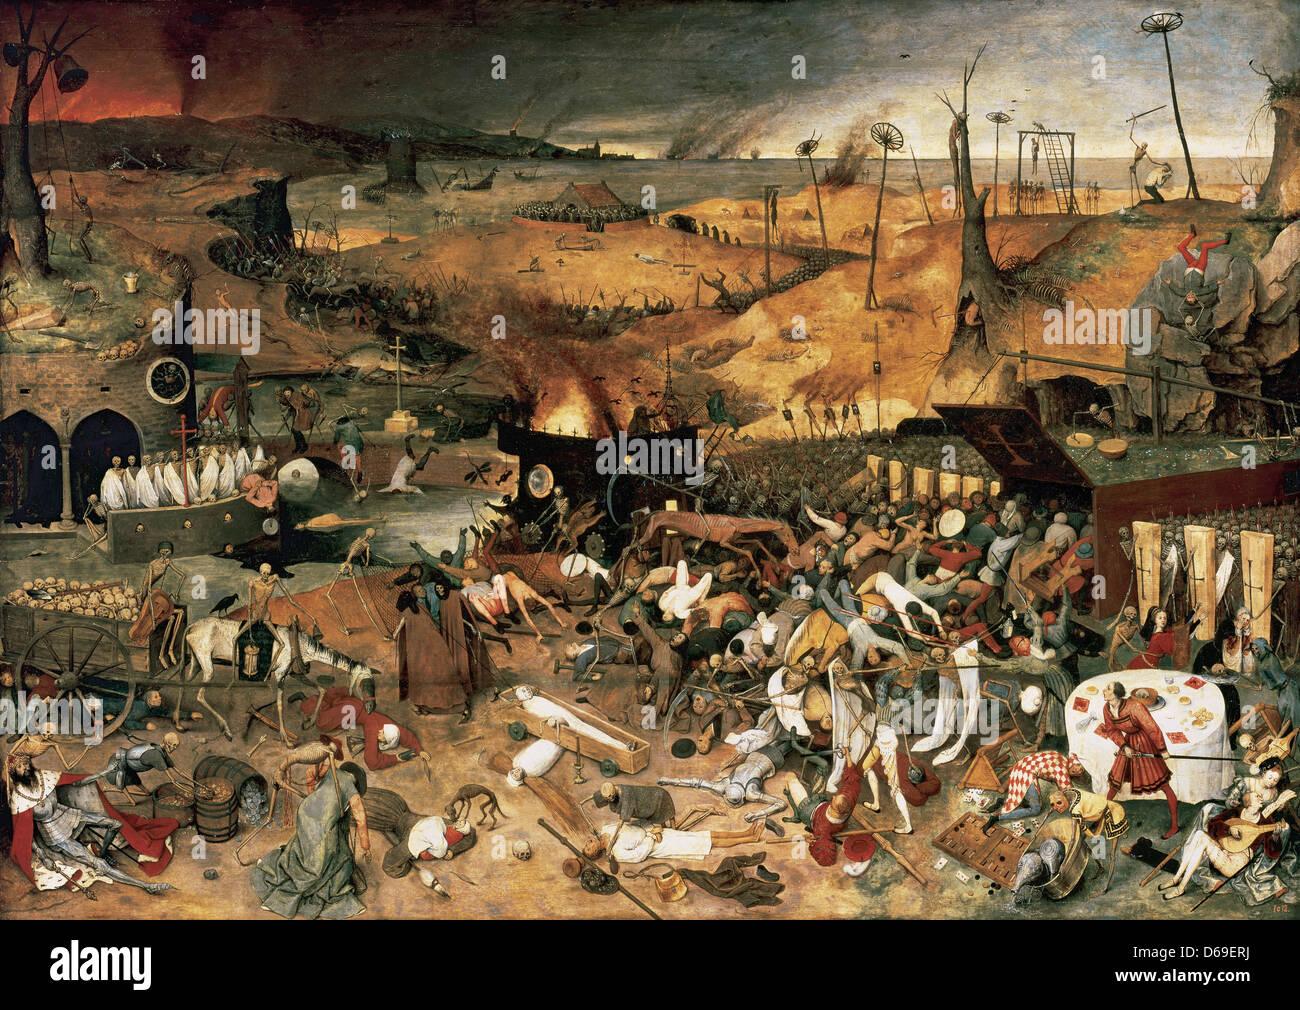 Pieter Bruegel il Vecchio (1525 - 1569). Il Trionfo della morte. 1562. Olio su pannello. Museo del Prado. Madrid. Immagini Stock